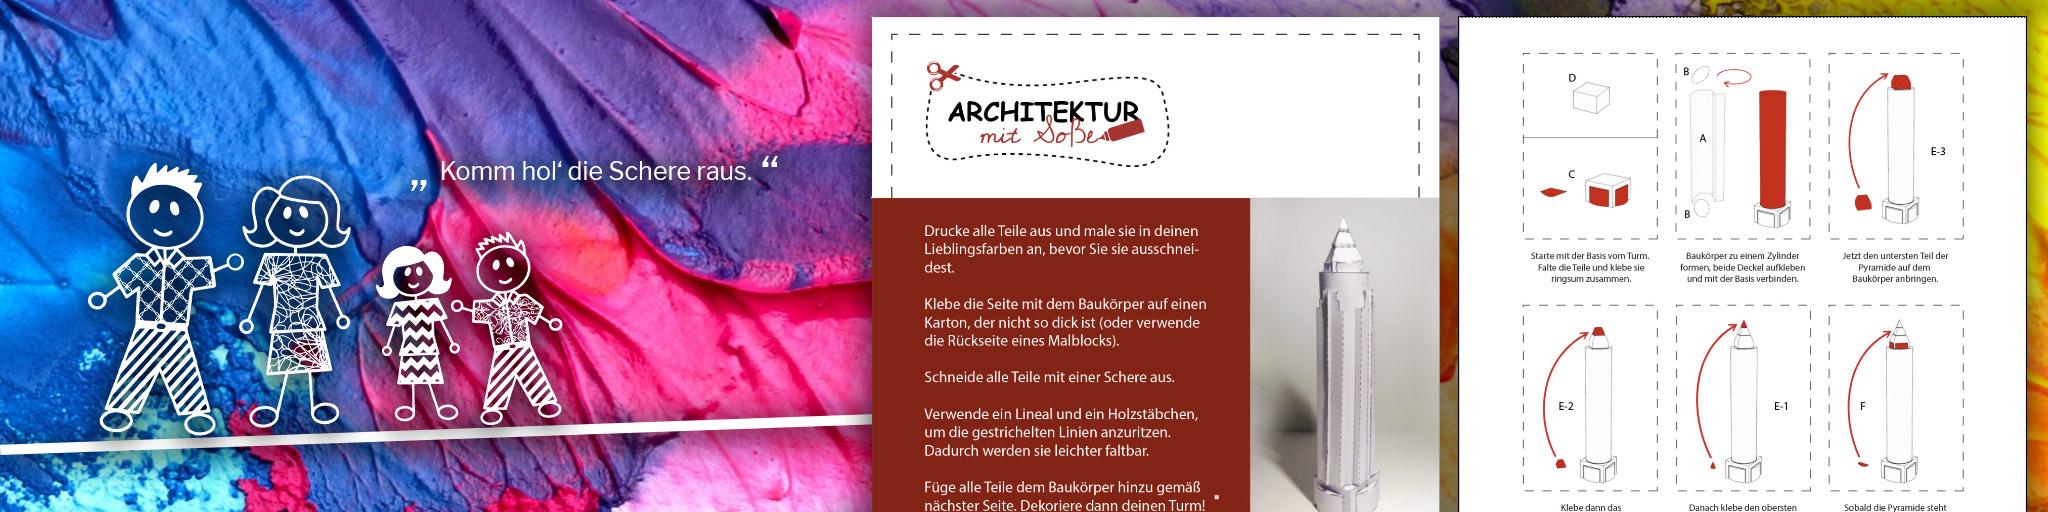 Architektur mit Soße